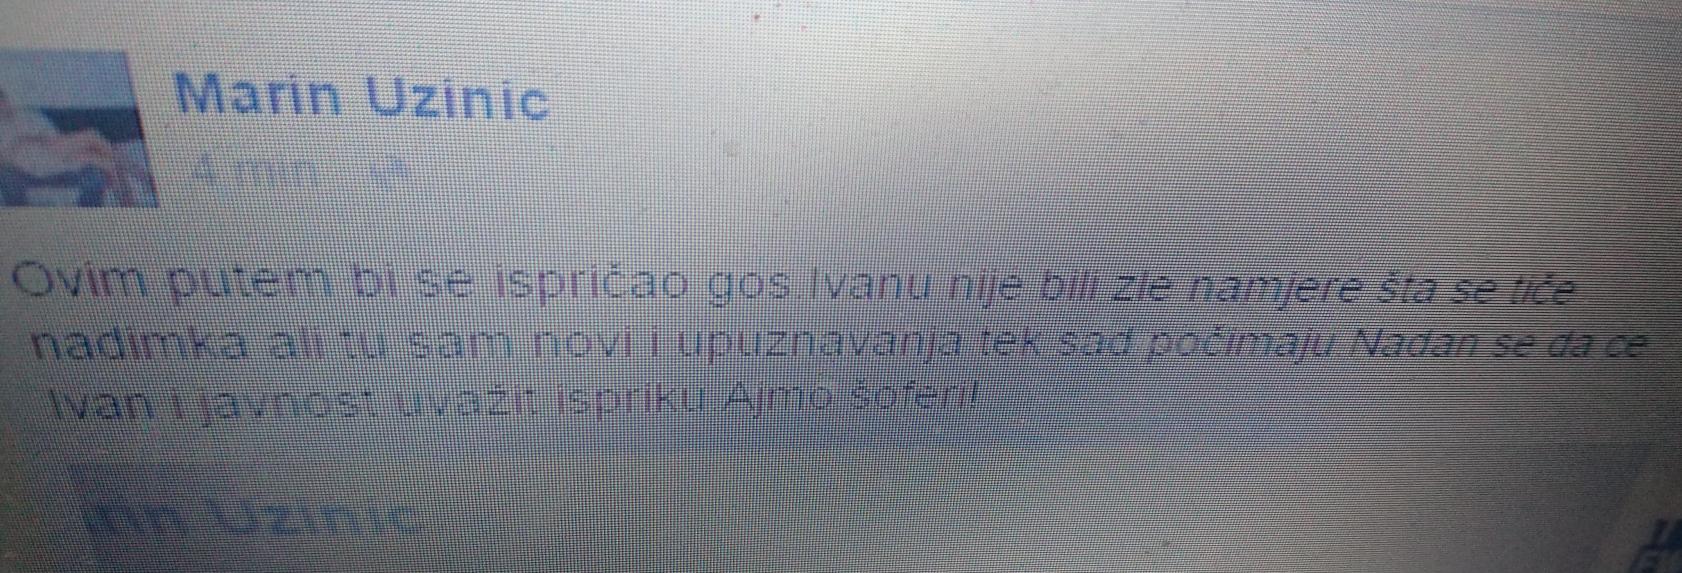 Marin Uzinić fb isprika